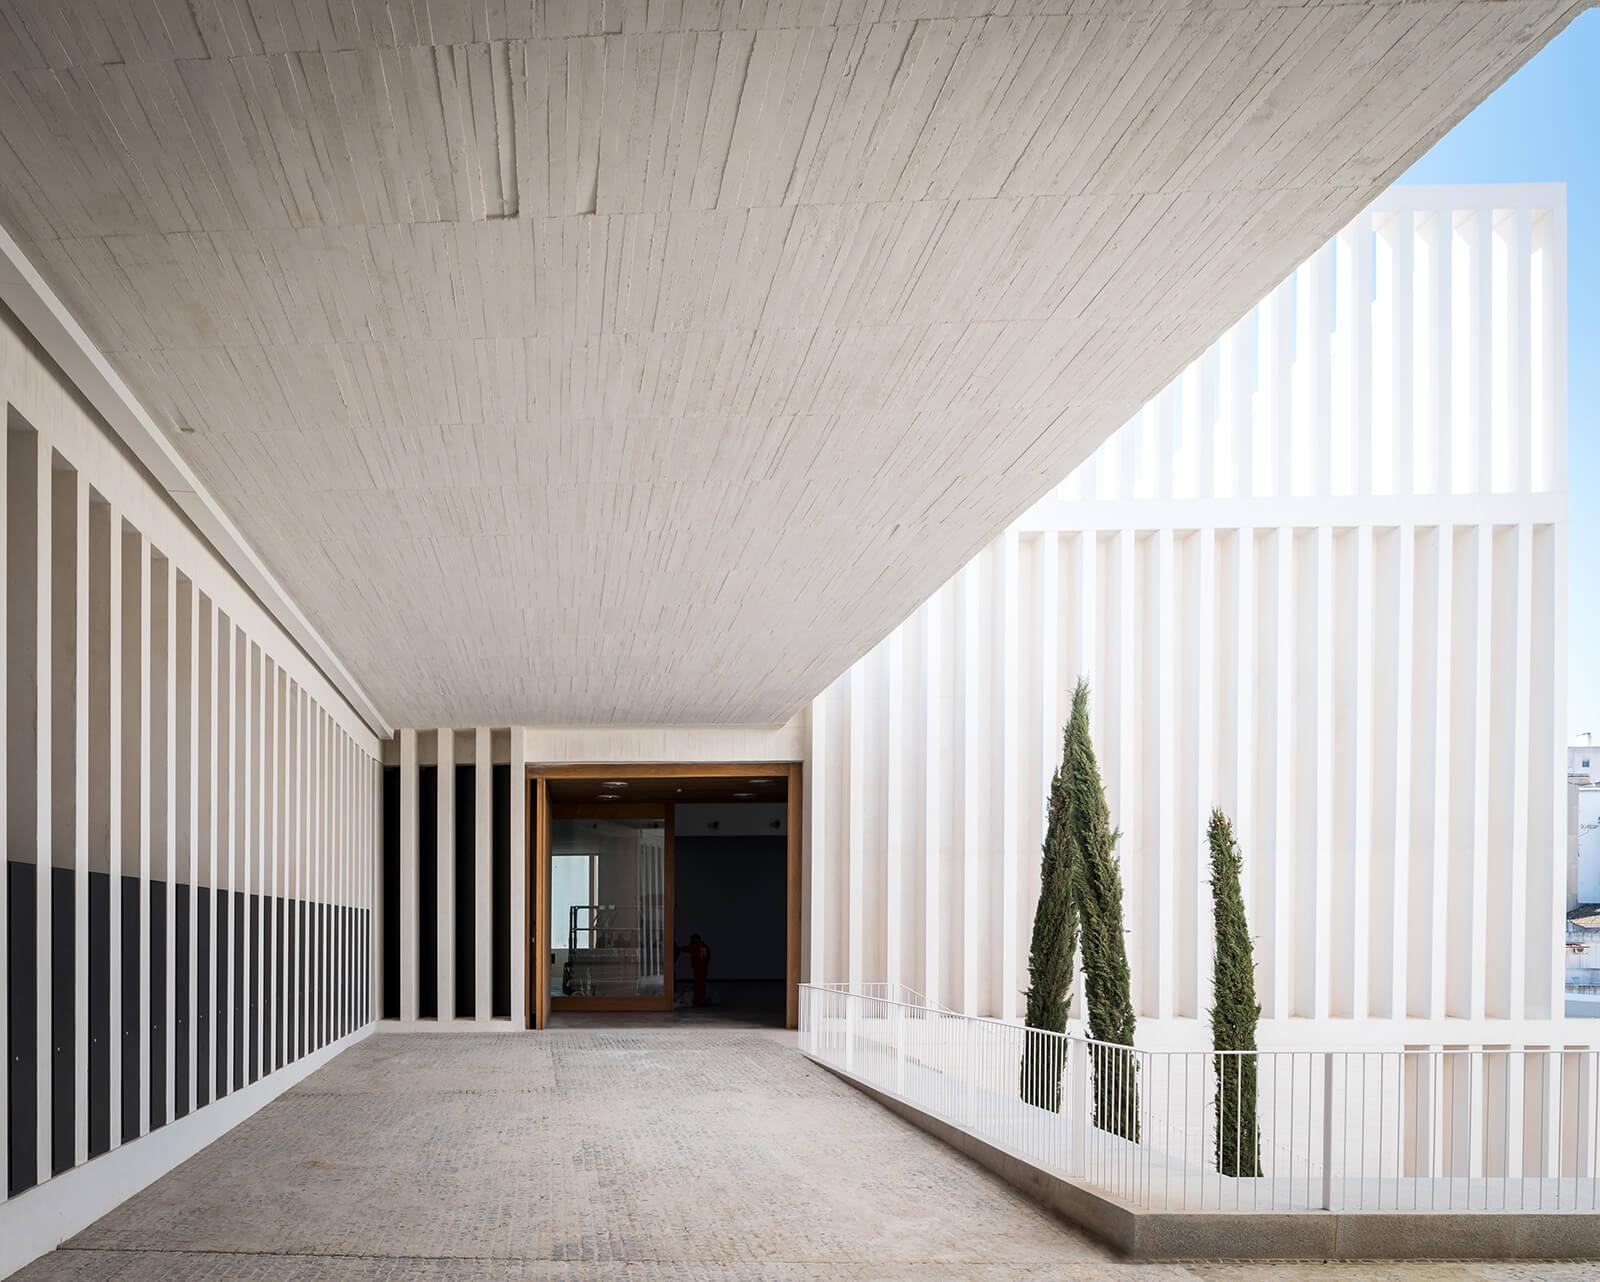 Museo de Arte Contemporáneo Helga de Alvear  - 4 40